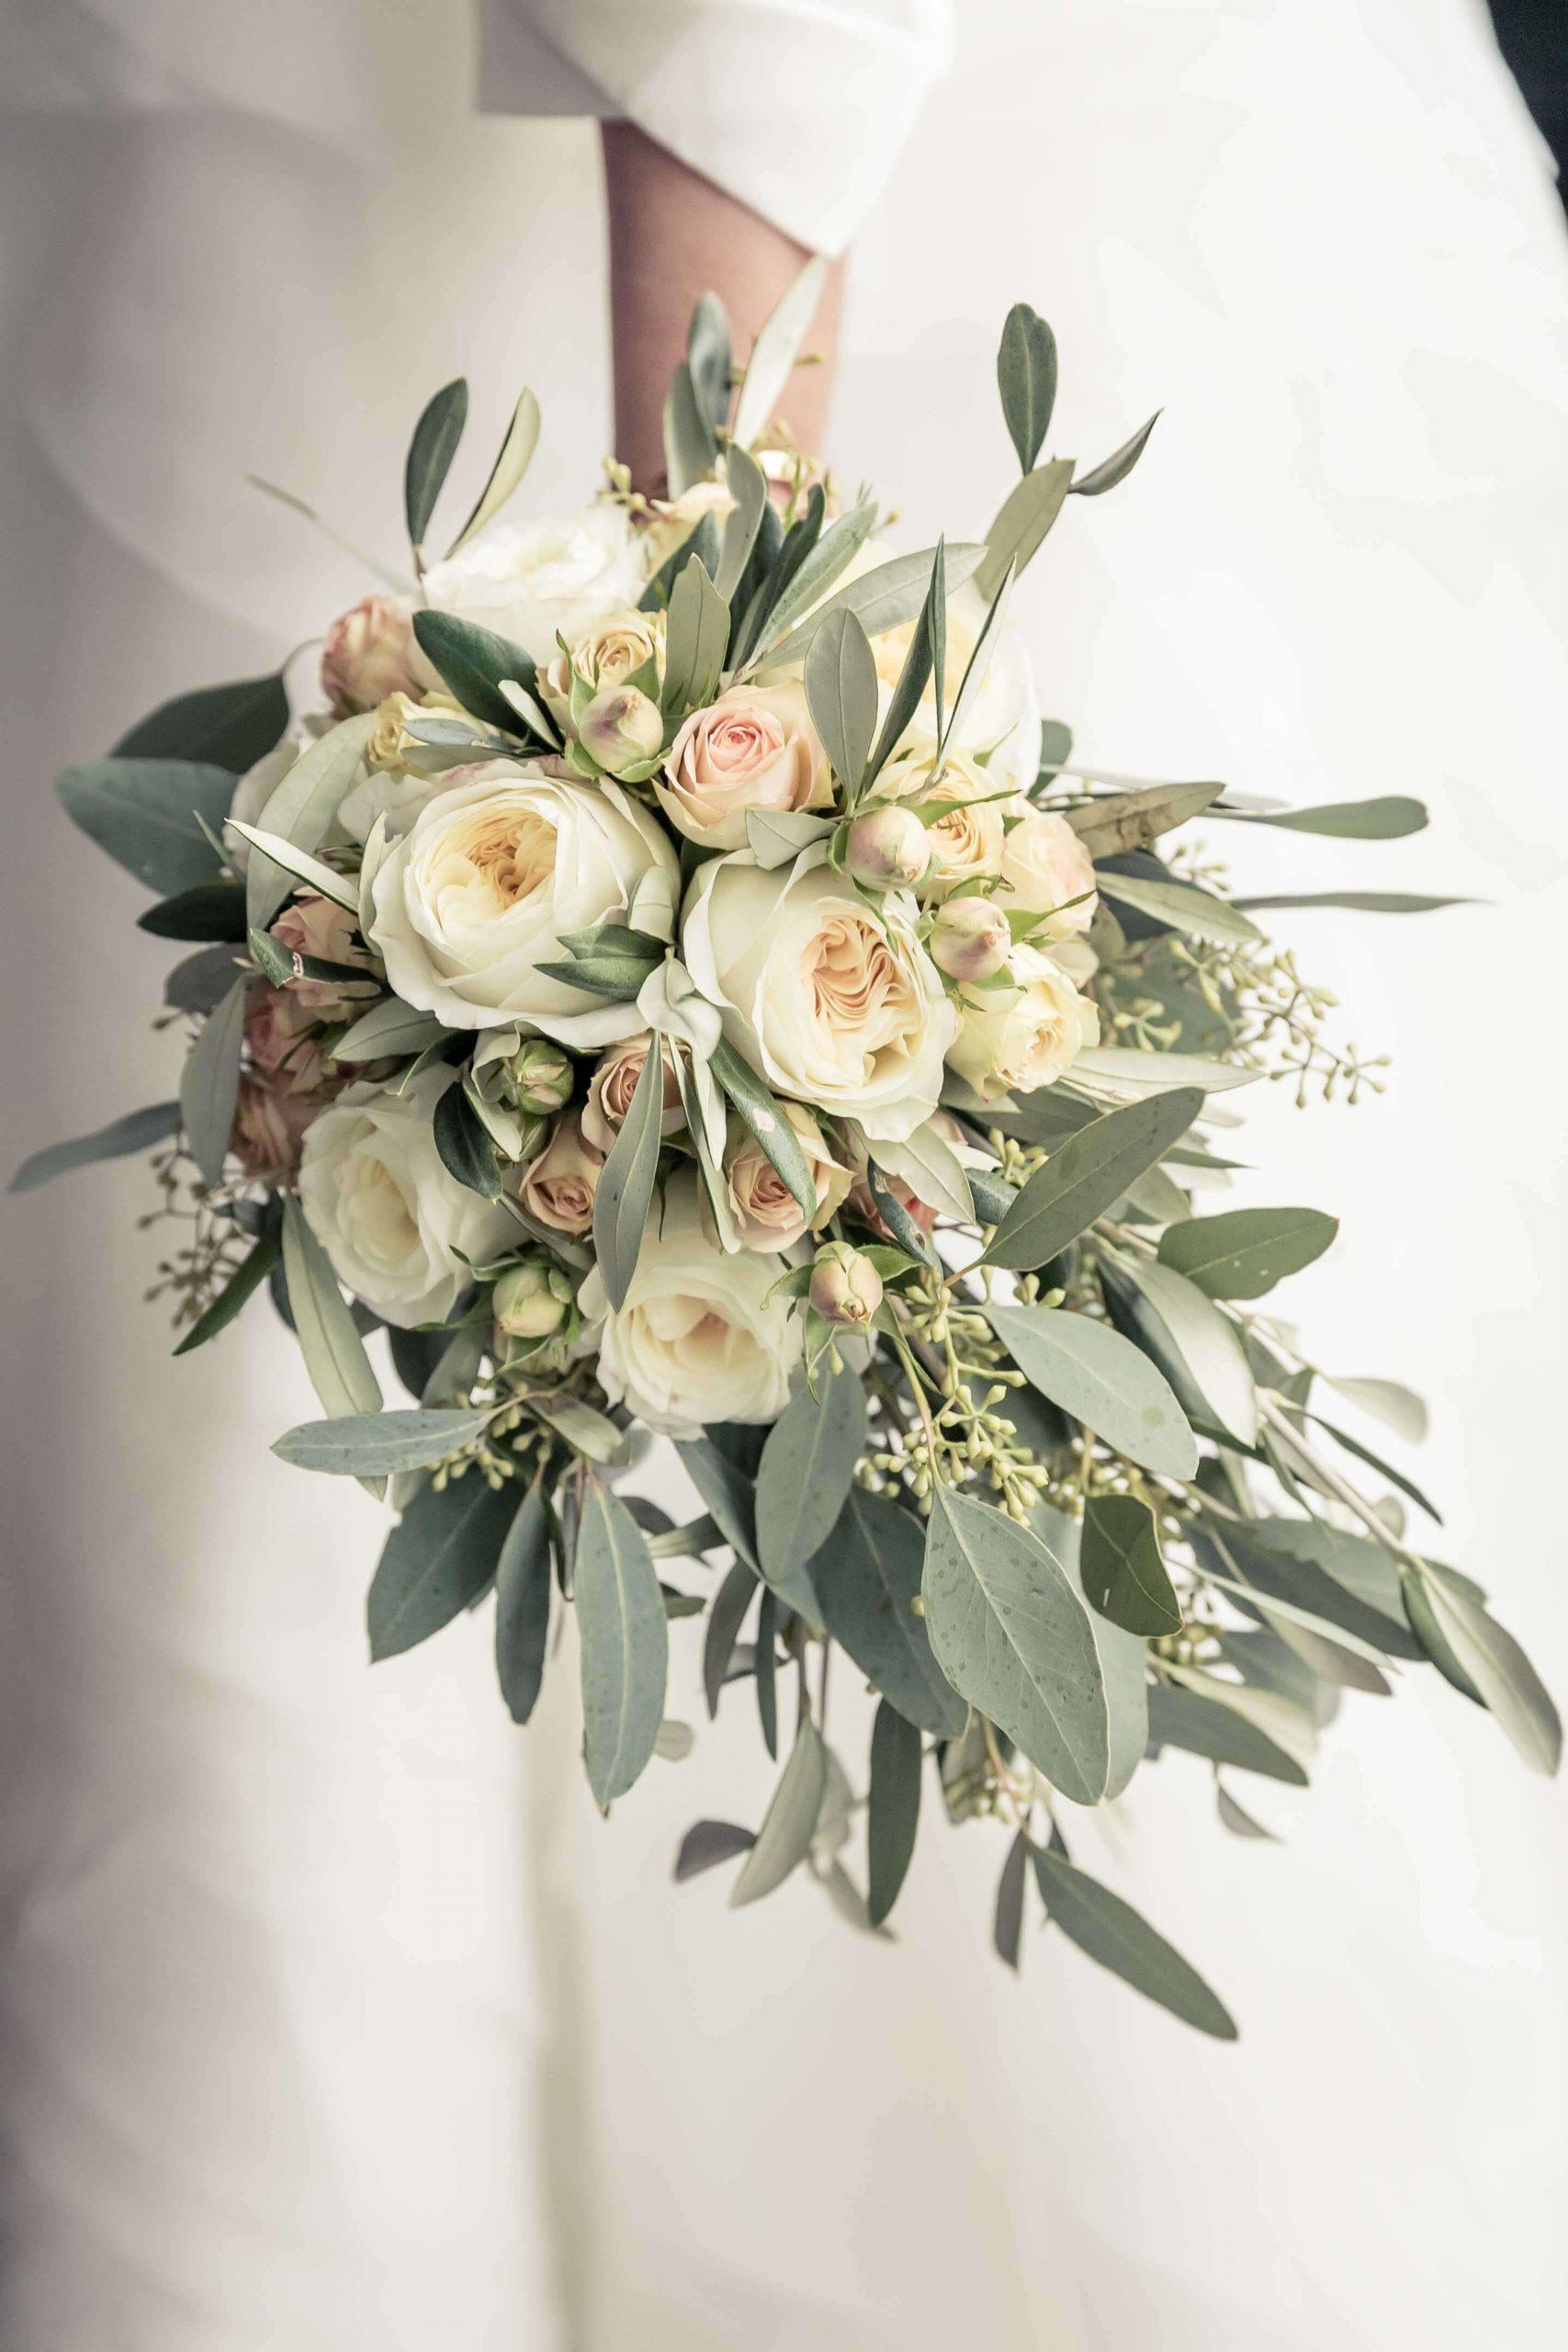 le bouquet de fleur de la mariée